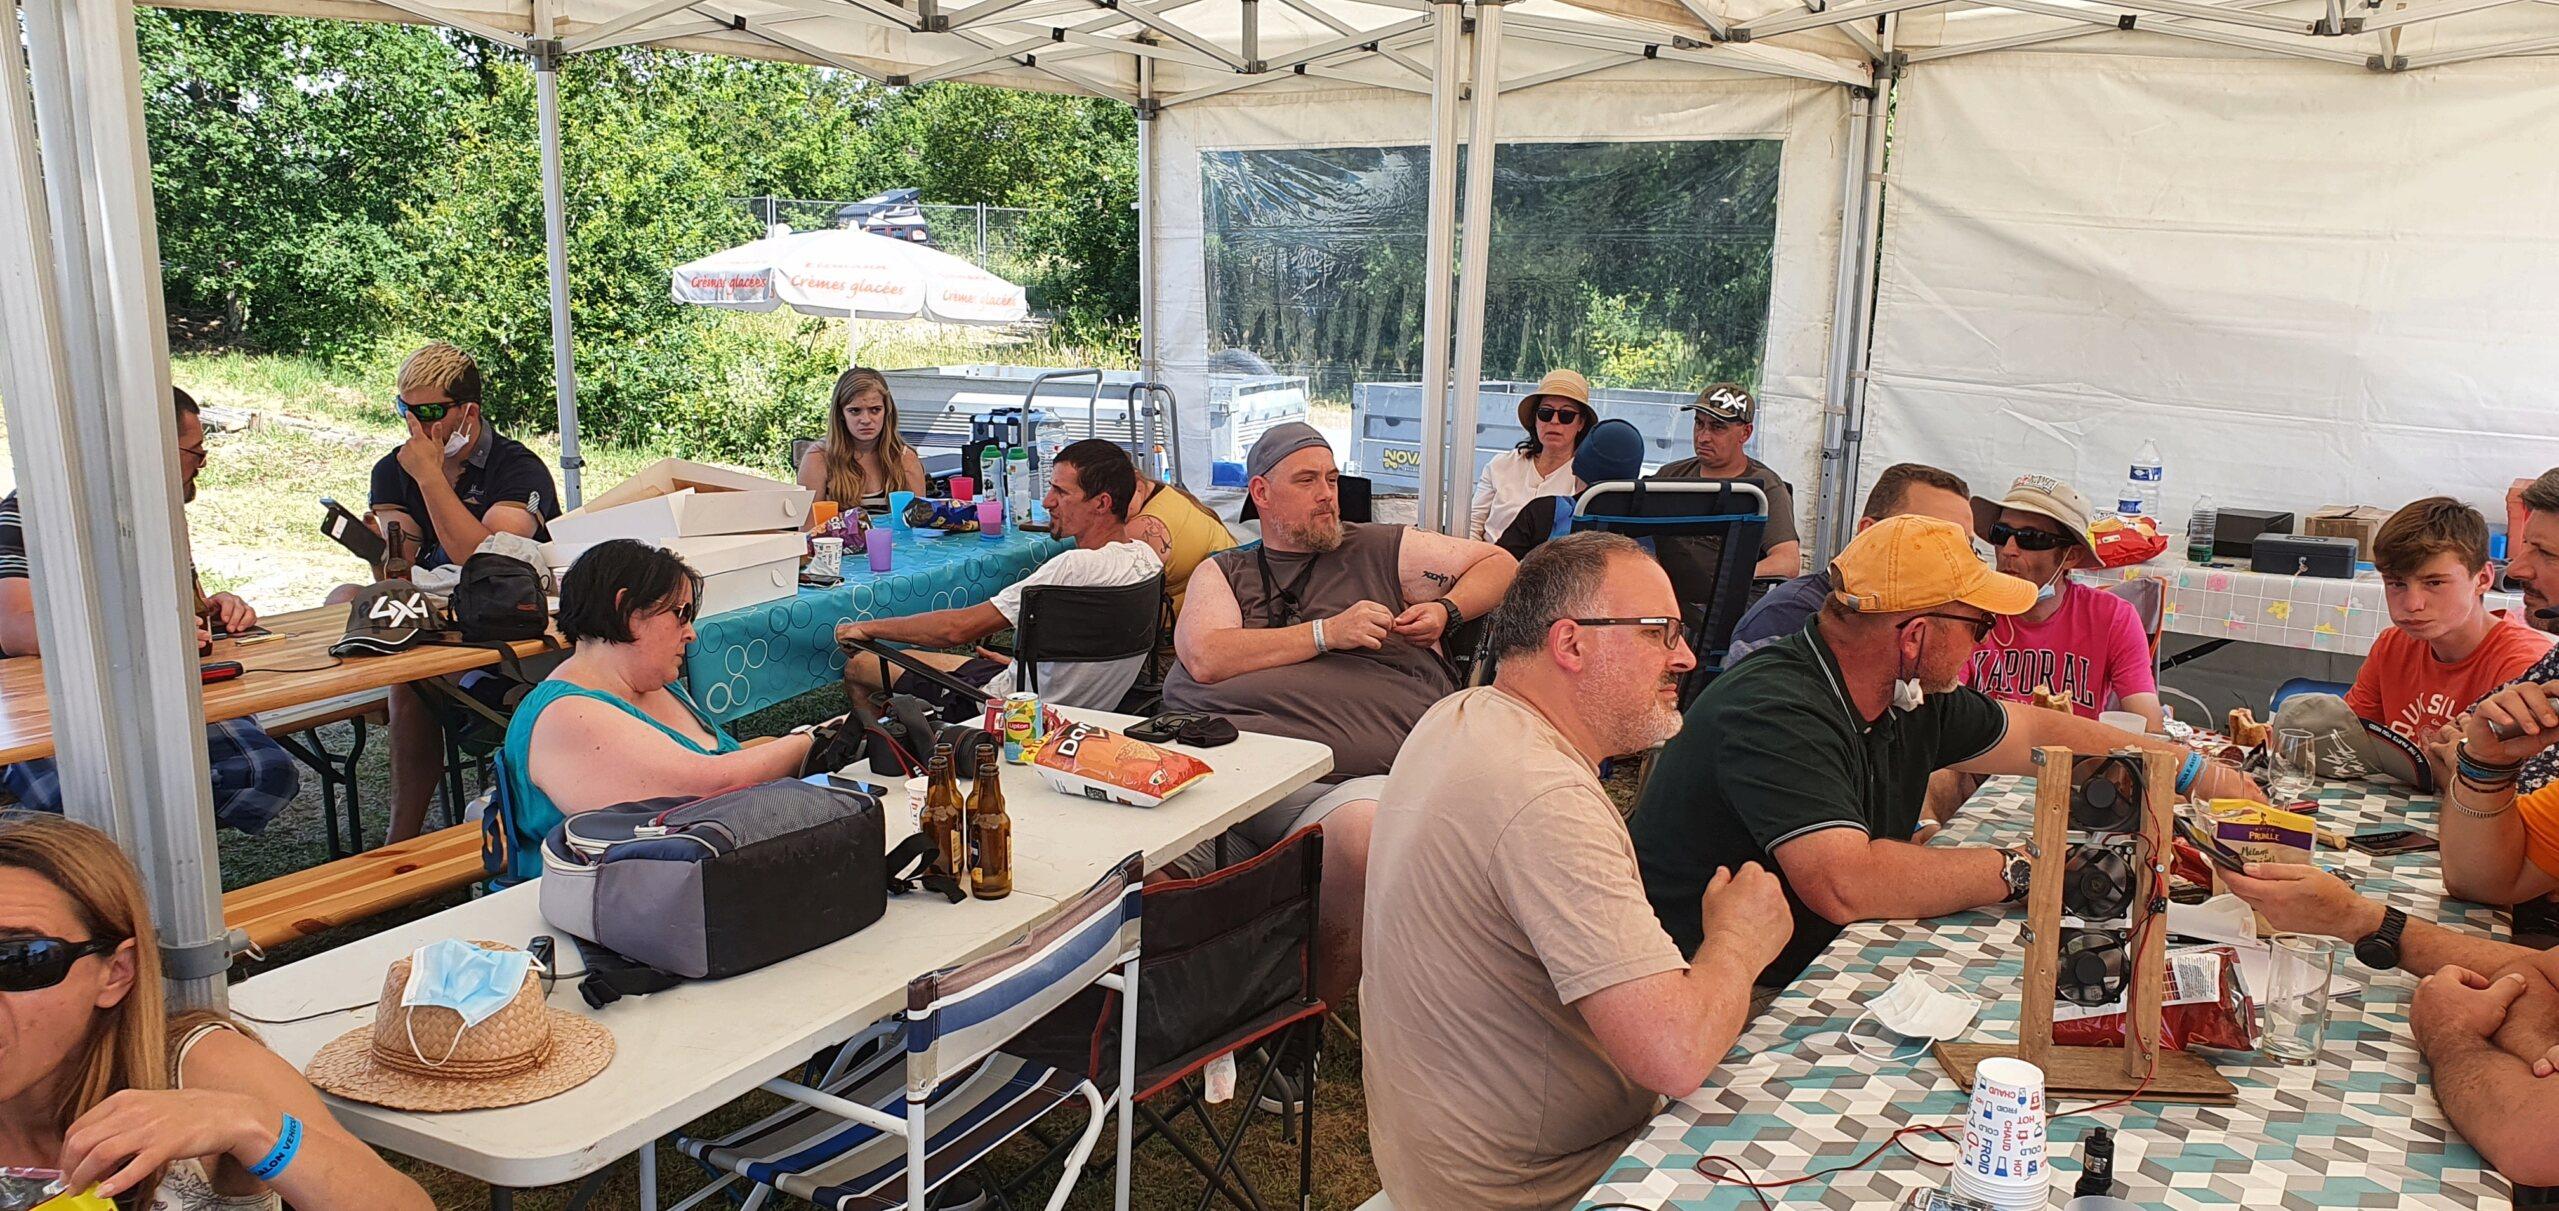 Salon du Véhicule d'Aventure SVA 2021 - Corcoué sur Logne (44) : du 11 au 13 juin - Page 13 20210642